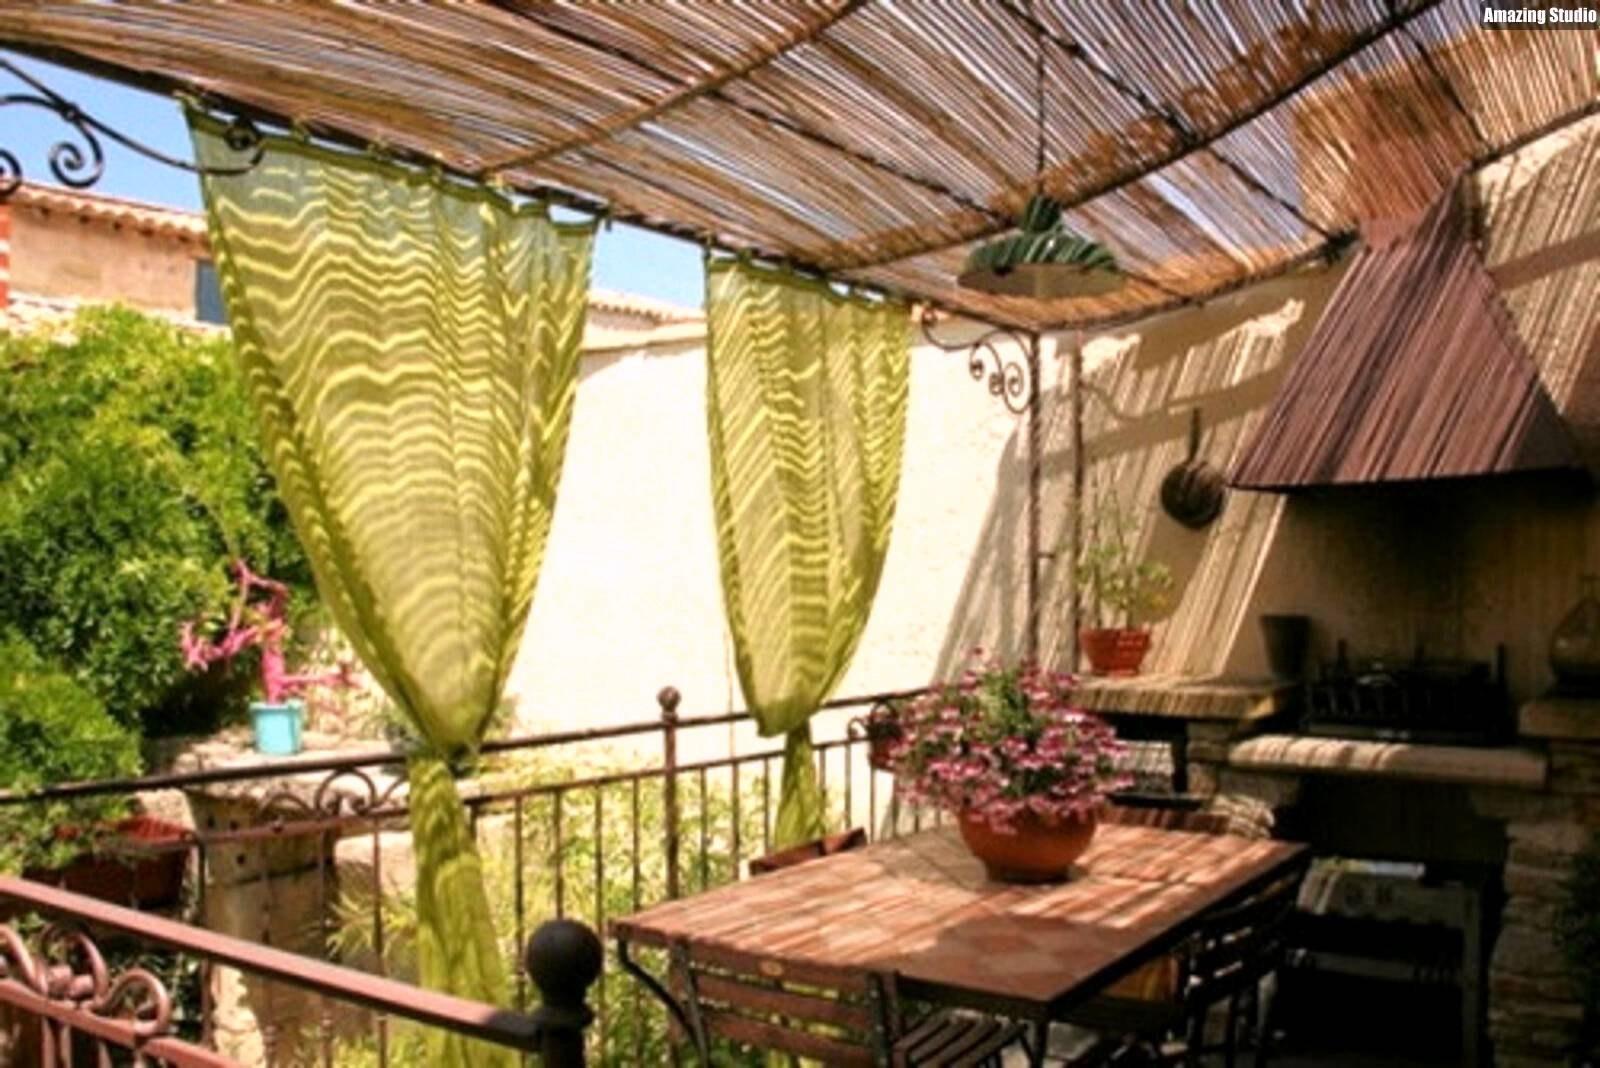 kleiner garten mit terrasse gestalten schn ideen balkon und innen kleiner garten mit terrasse gestalten schon ideen balkon und dachterrasse uruenavilladellibrofo of